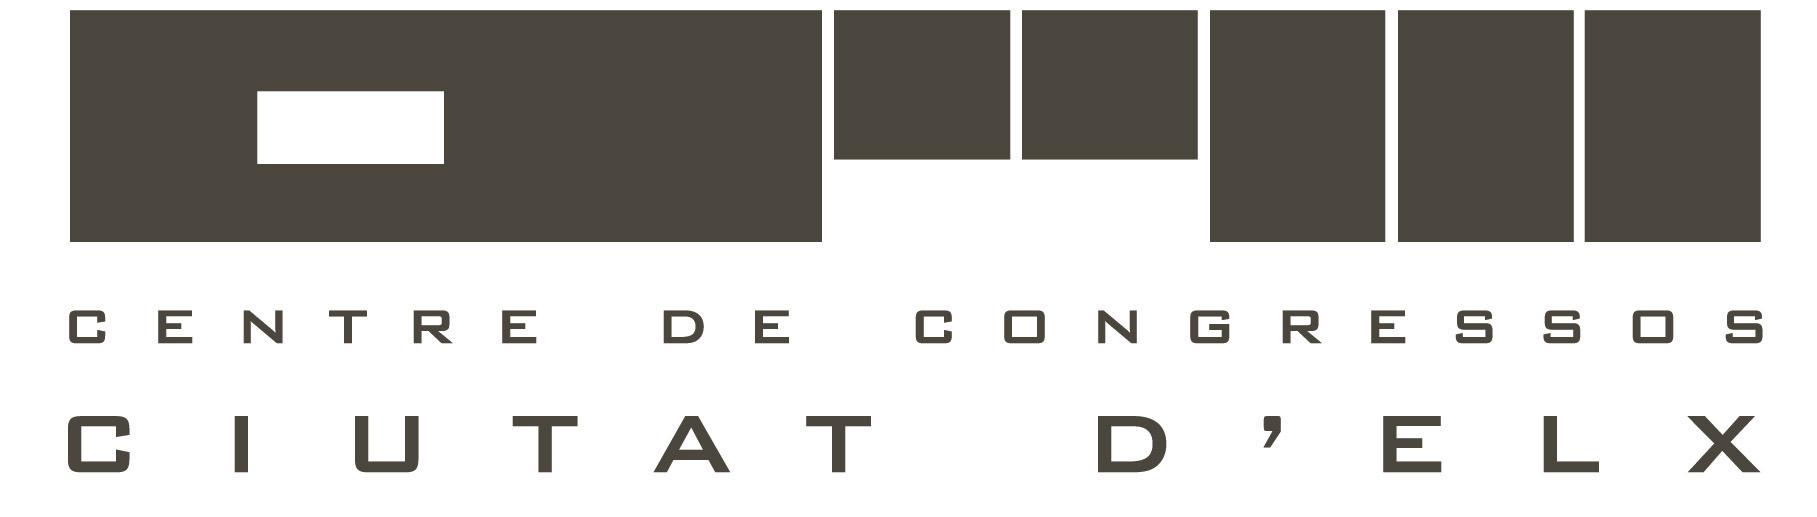 centro_congresos